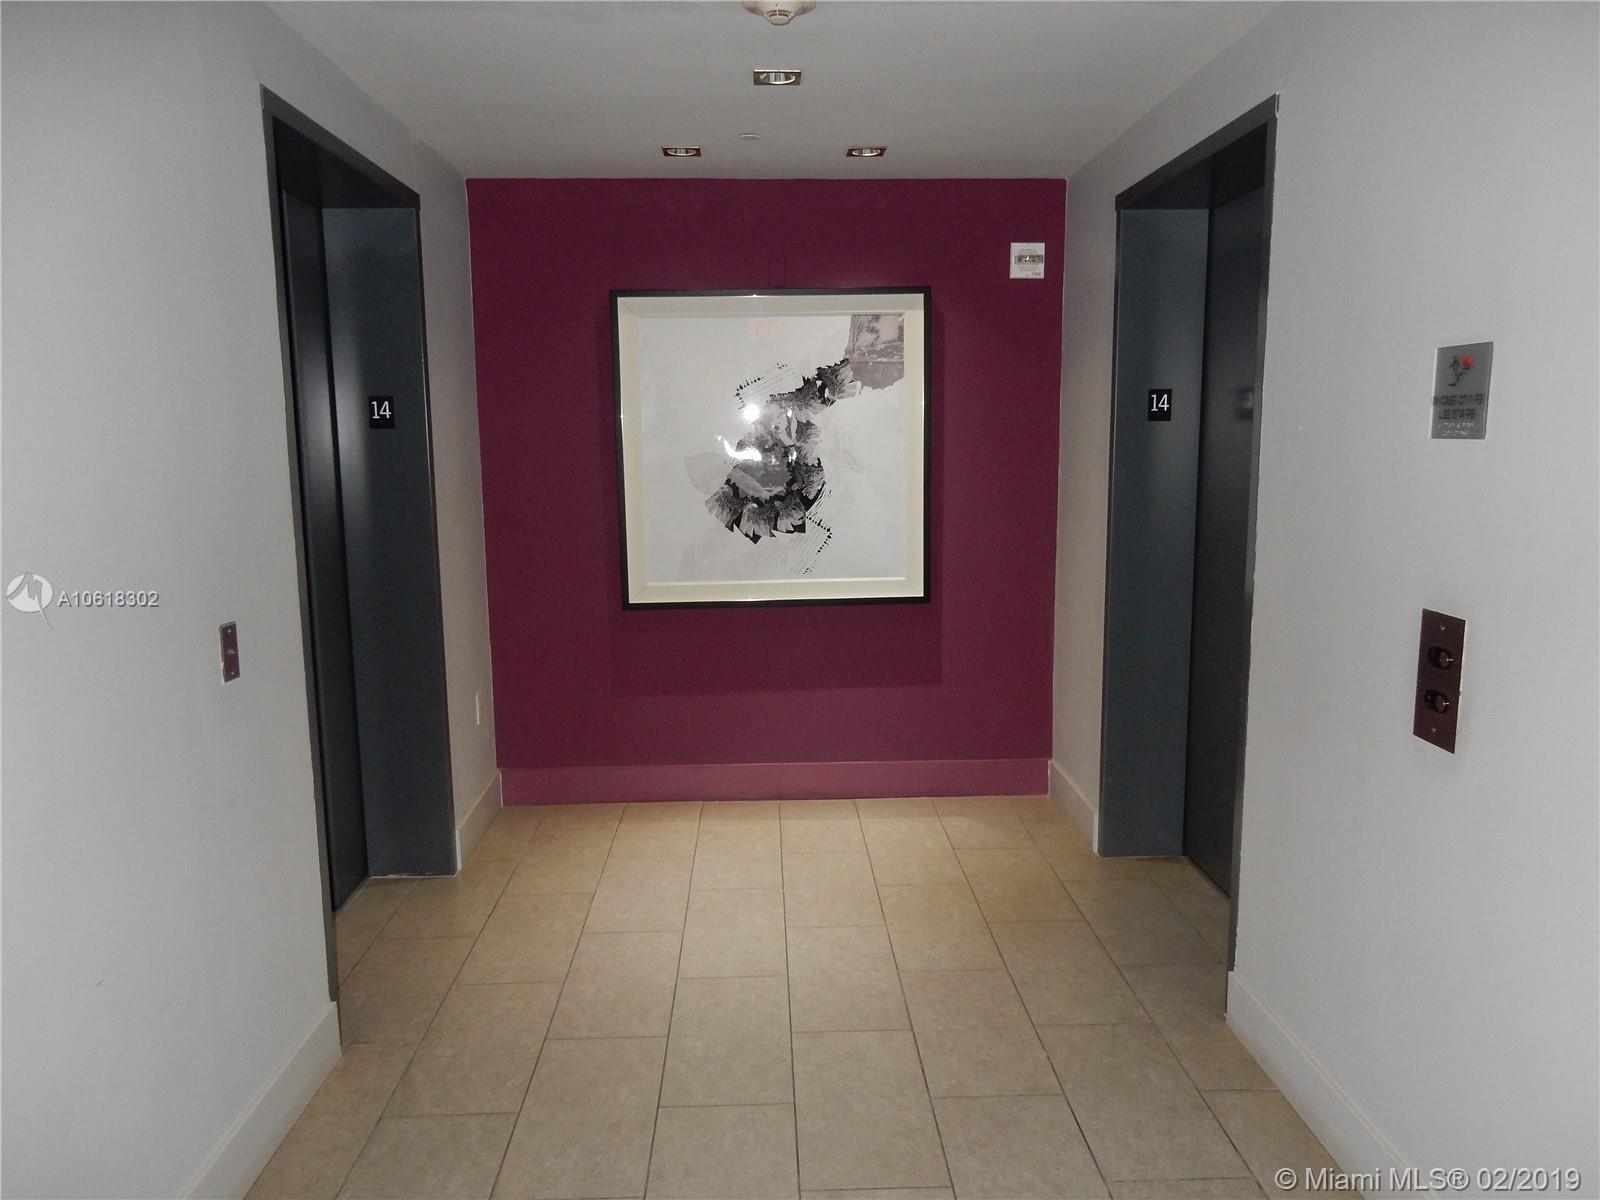 500 Brickell image #3